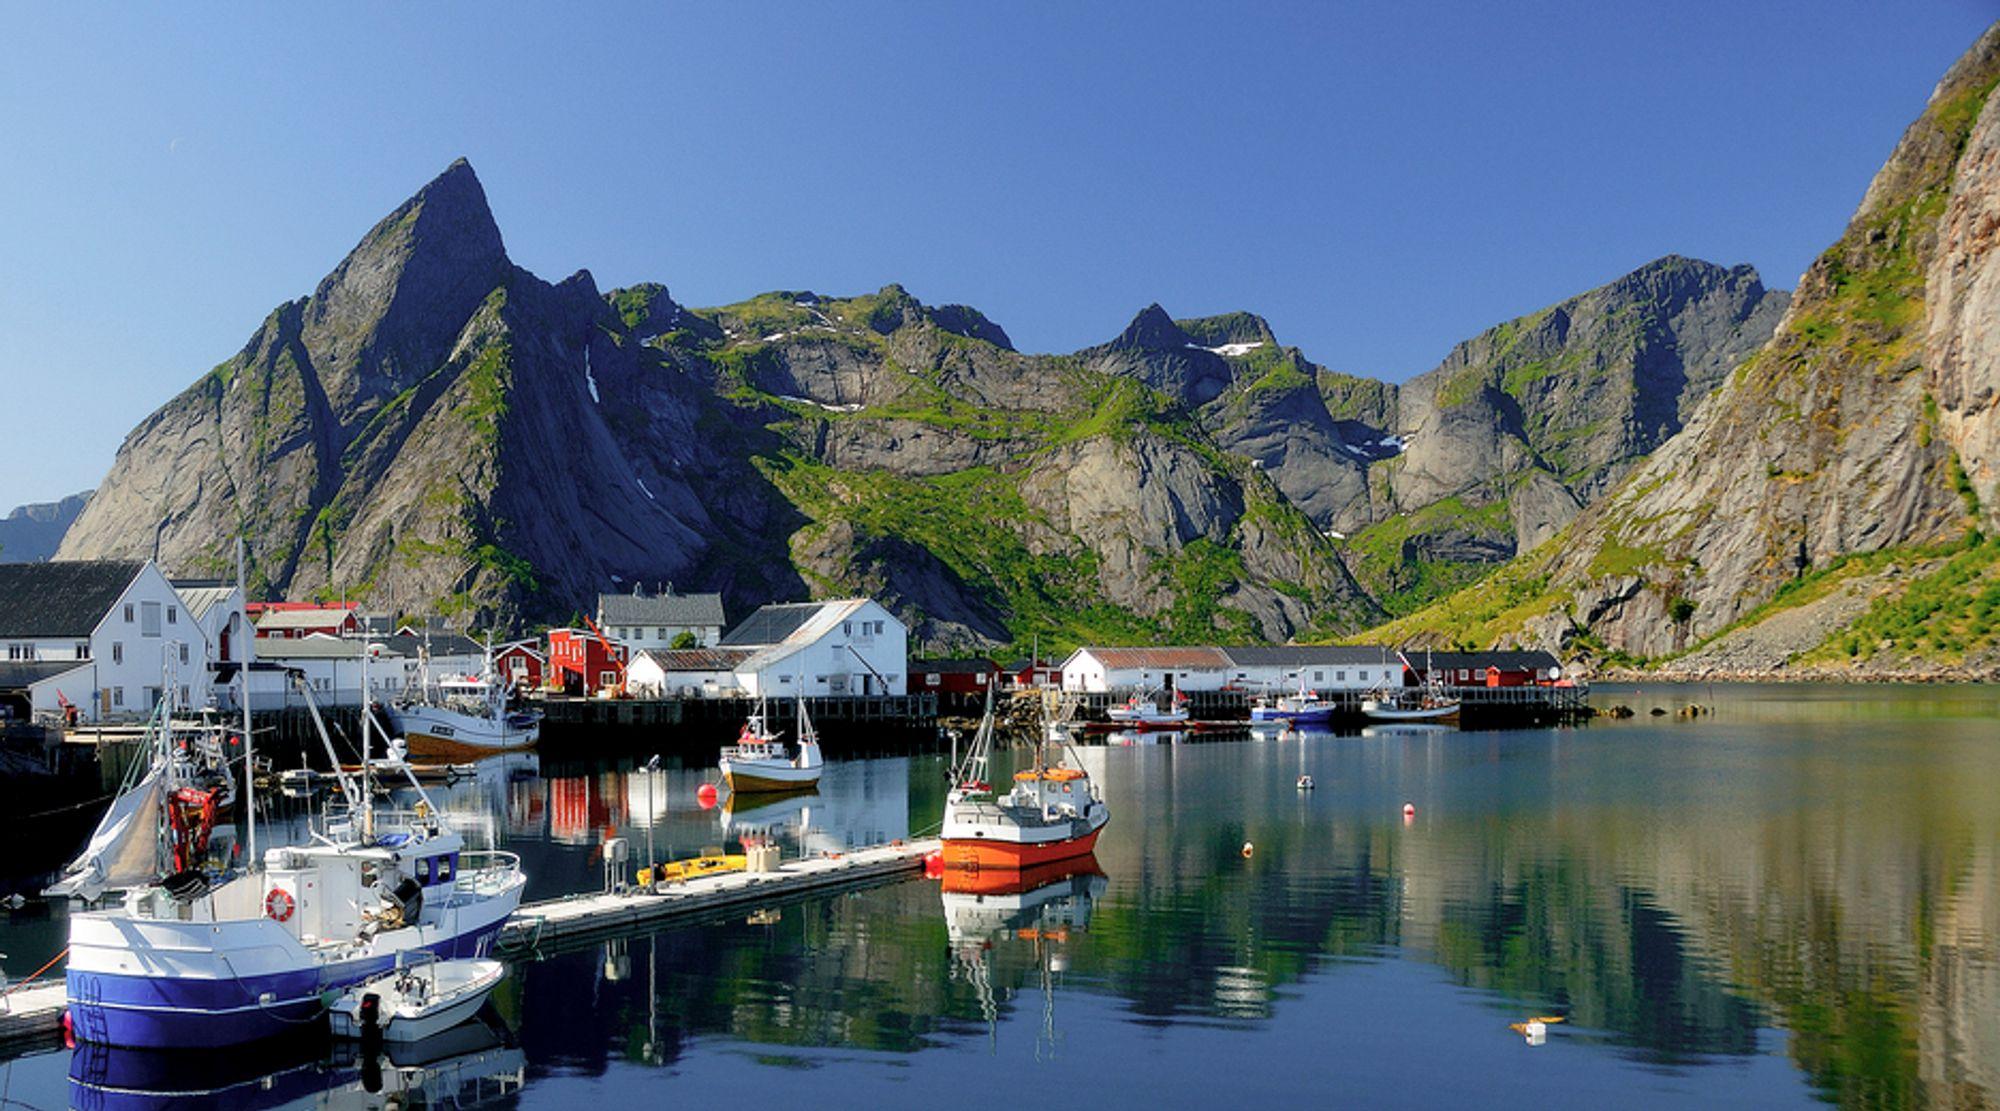 VIRTUELT: Nå trenger du ikke engang dra til Lofoten for å få en opplevelse av det vakre landskapet.